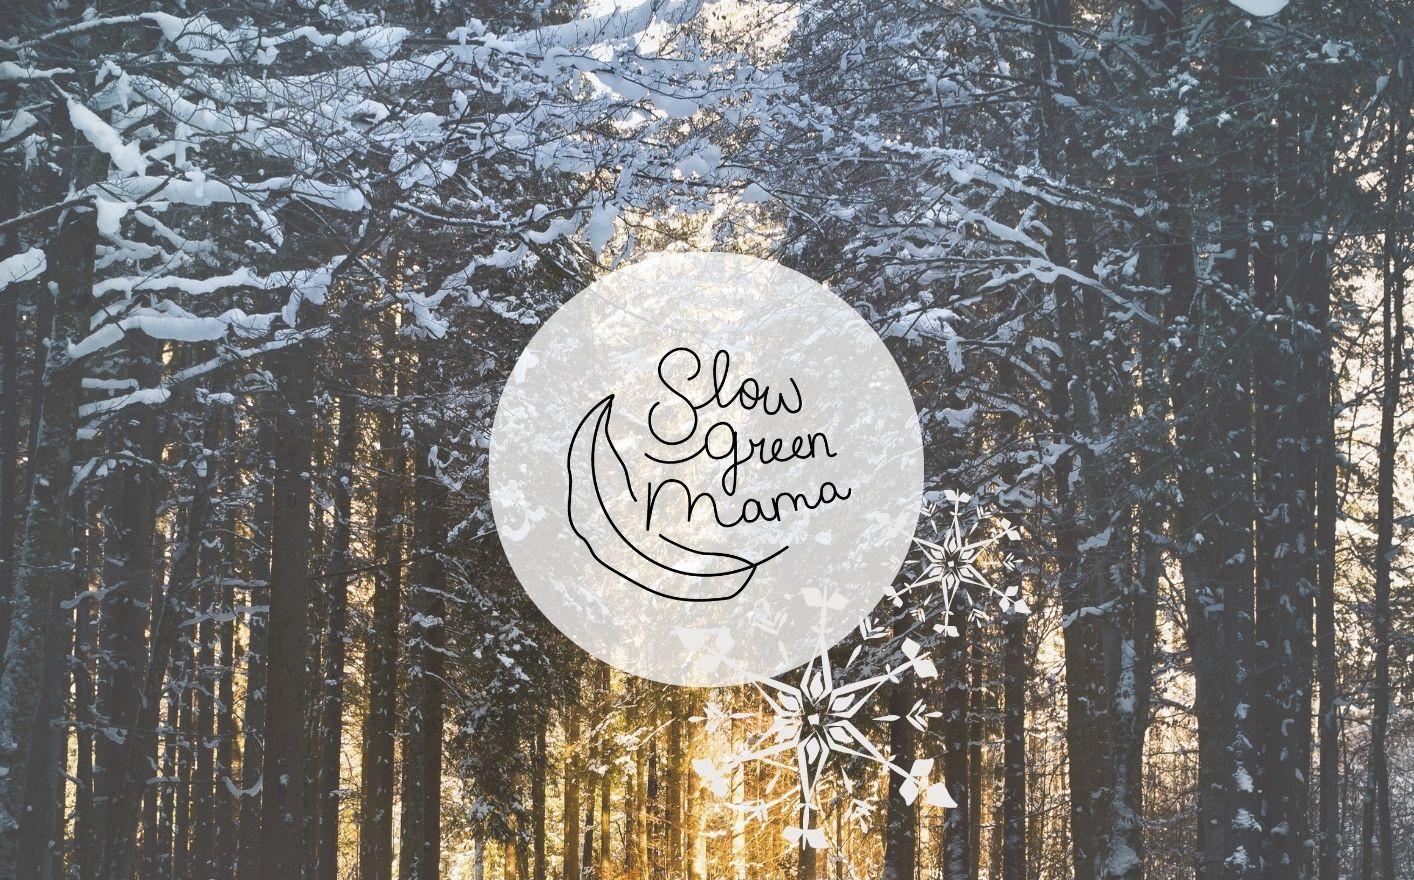 Découvrez le magazine d'hiver en version numérique dans la boutique !